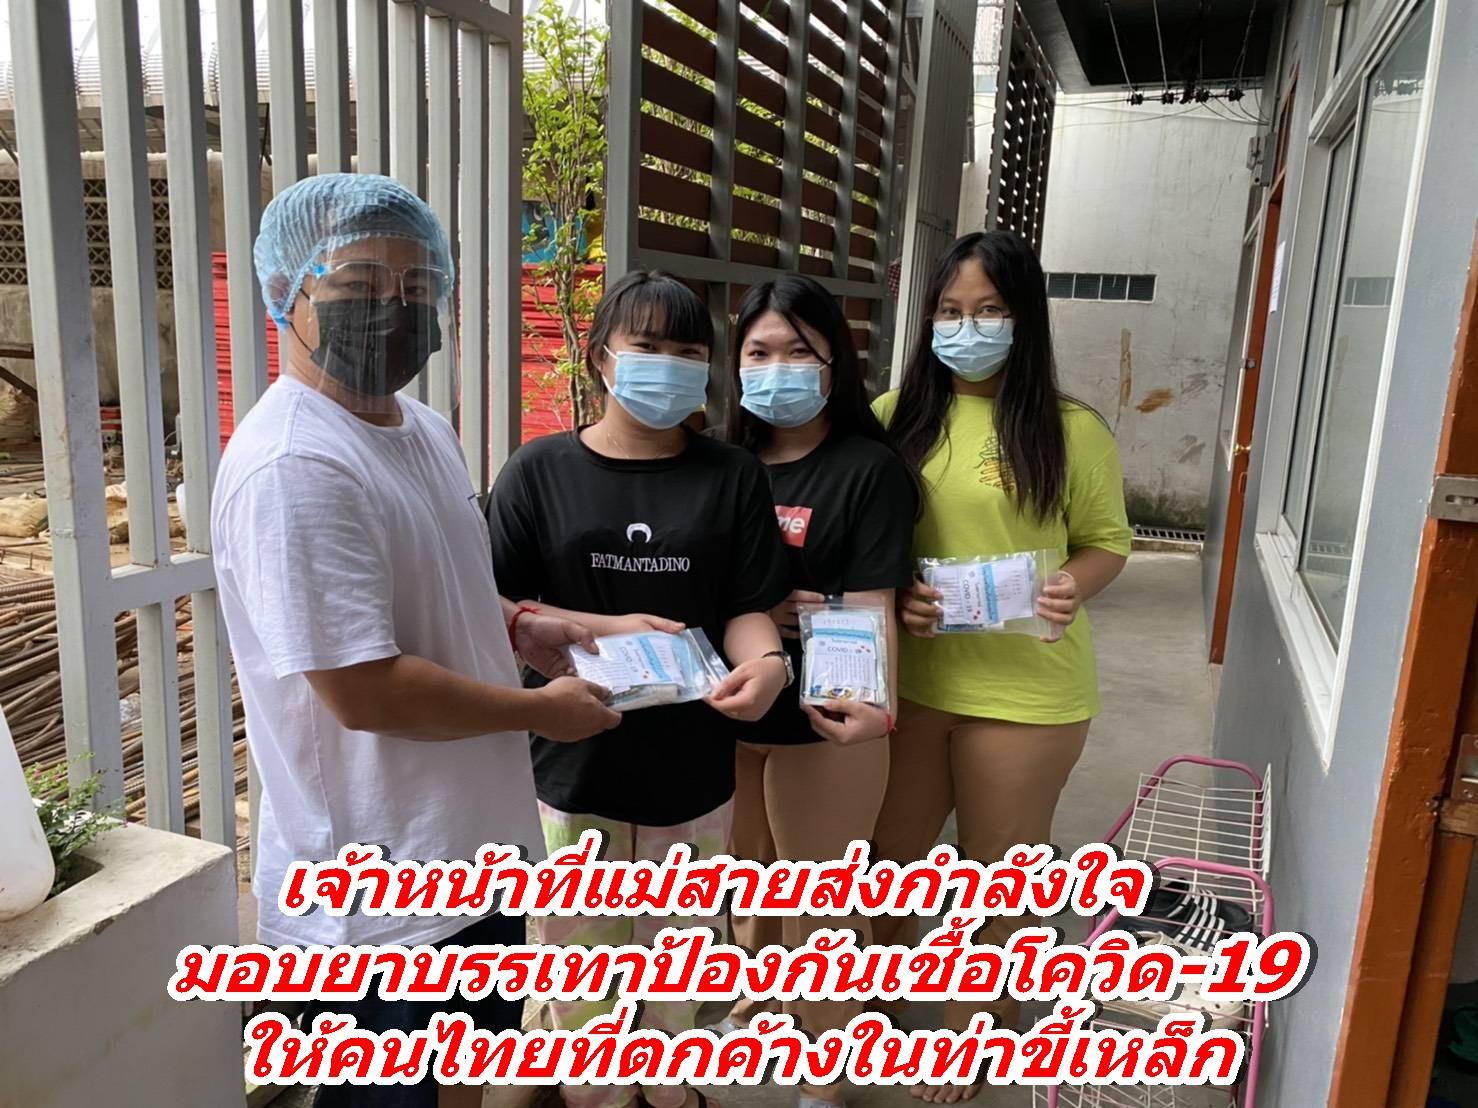 เจ้าหน้าที่แม่สายส่งกำลังใจ มอบยาบรรเทาป้องกันเชื้อโควิด-19 ให้คนไทยที่ตกค้างในท่าขี้เหล็ก